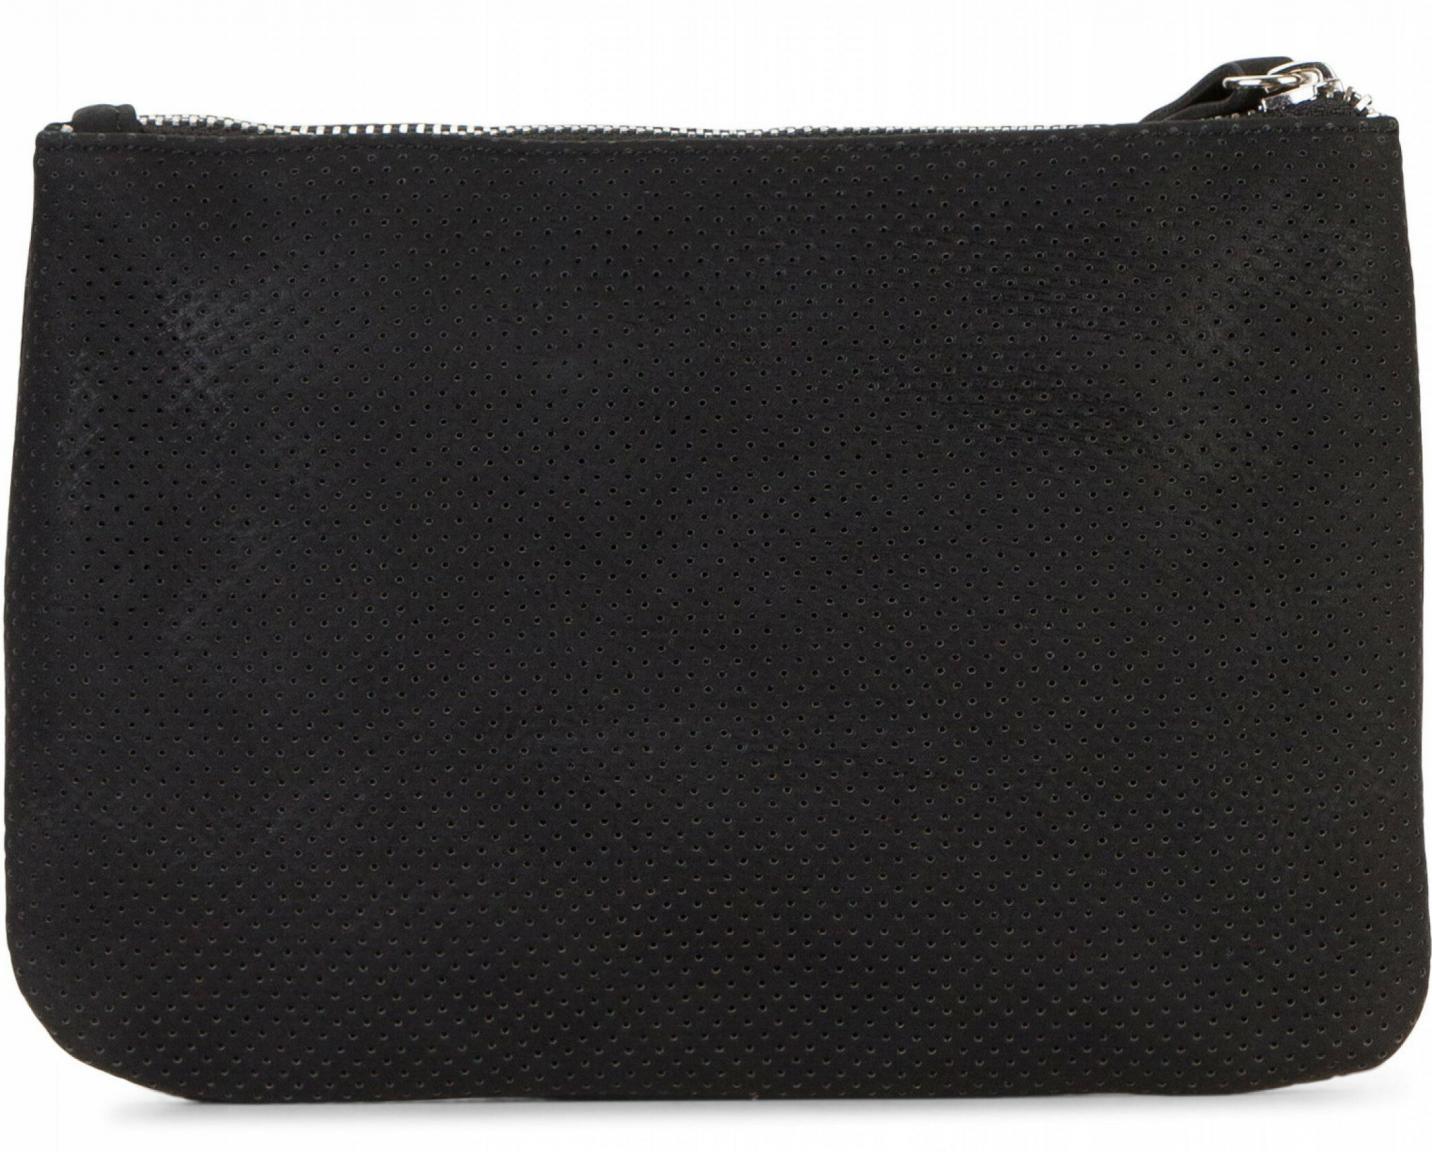 Romy Hetty Black Taschenorganizer Suri Frey schwarz Etui